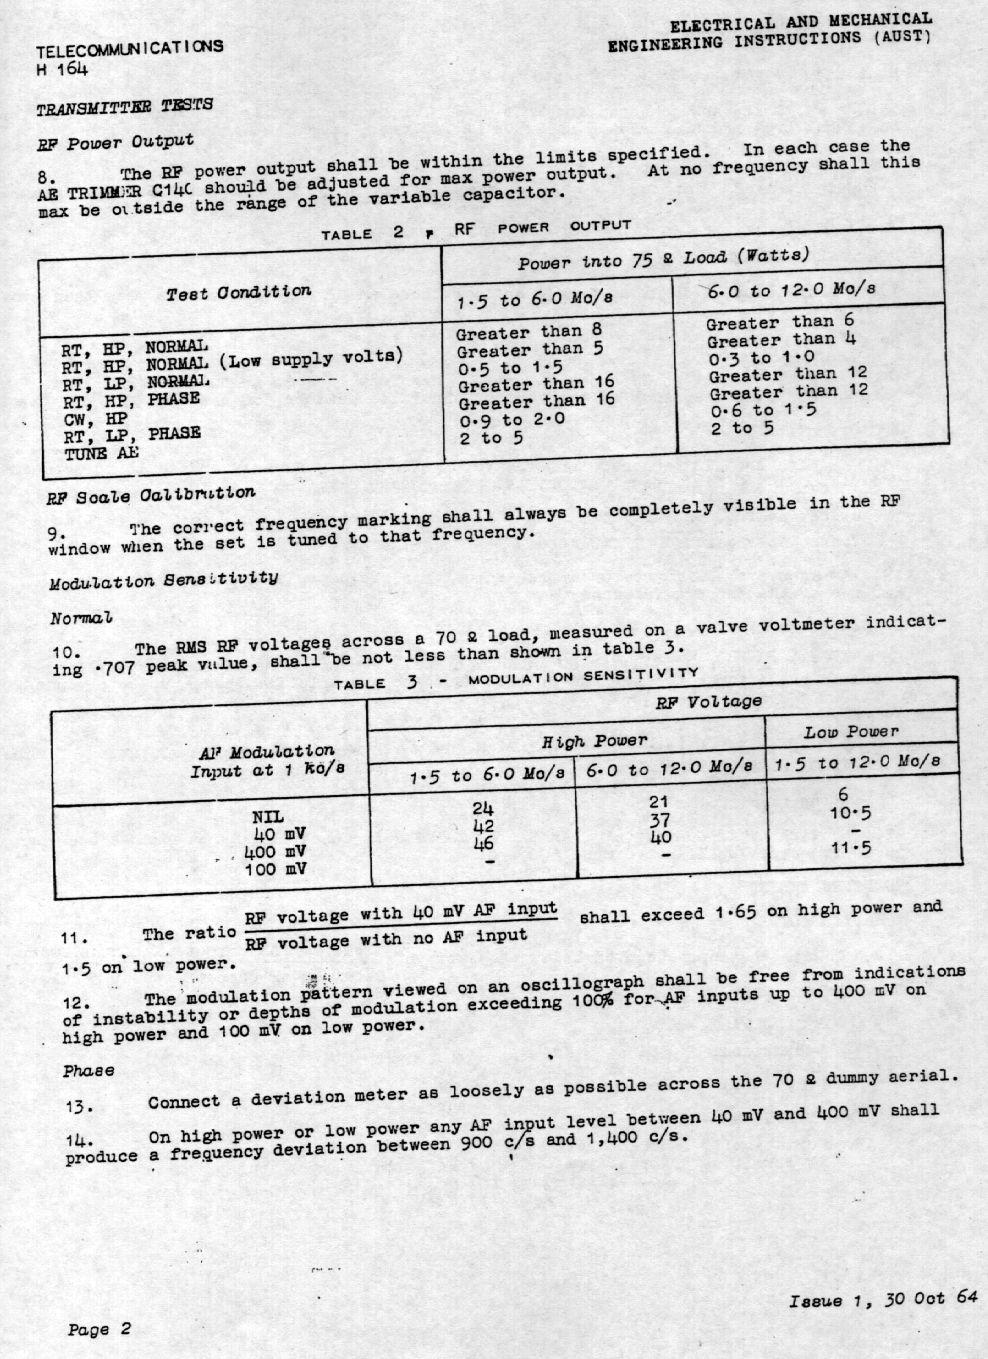 C13 Schematics Wiring Diagram Older Furnace 7 5 Ton Film Sproket Mechanism